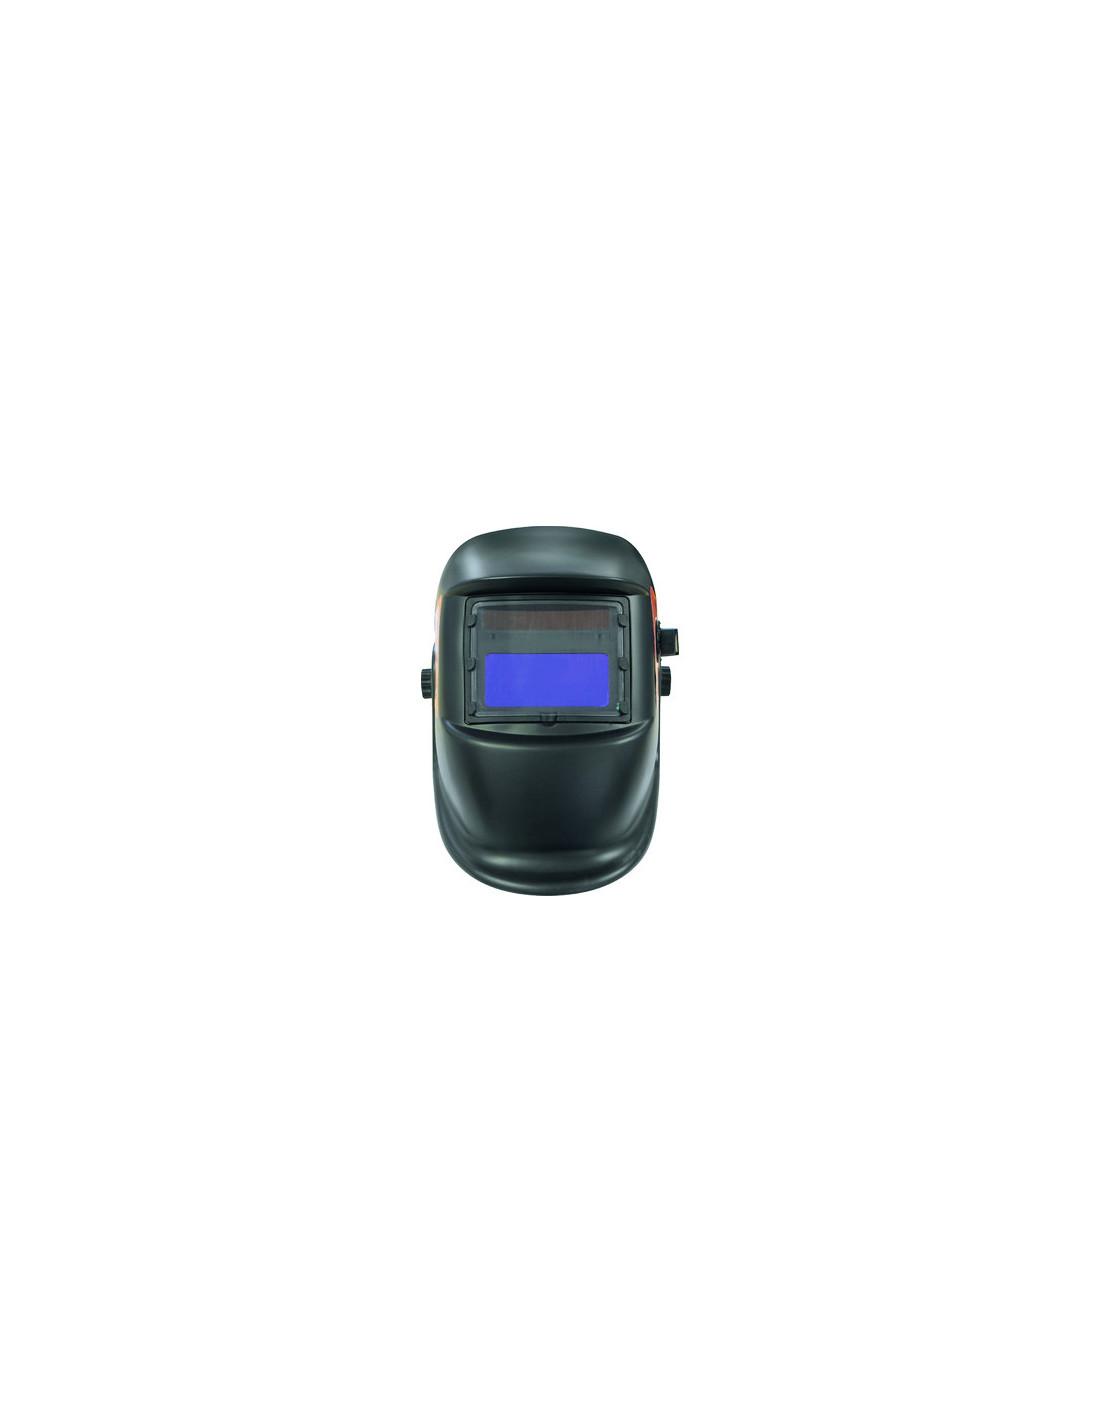 cdbbacfd5 Gys Svejsehjelm LCD Master 9-13G - Køb online her